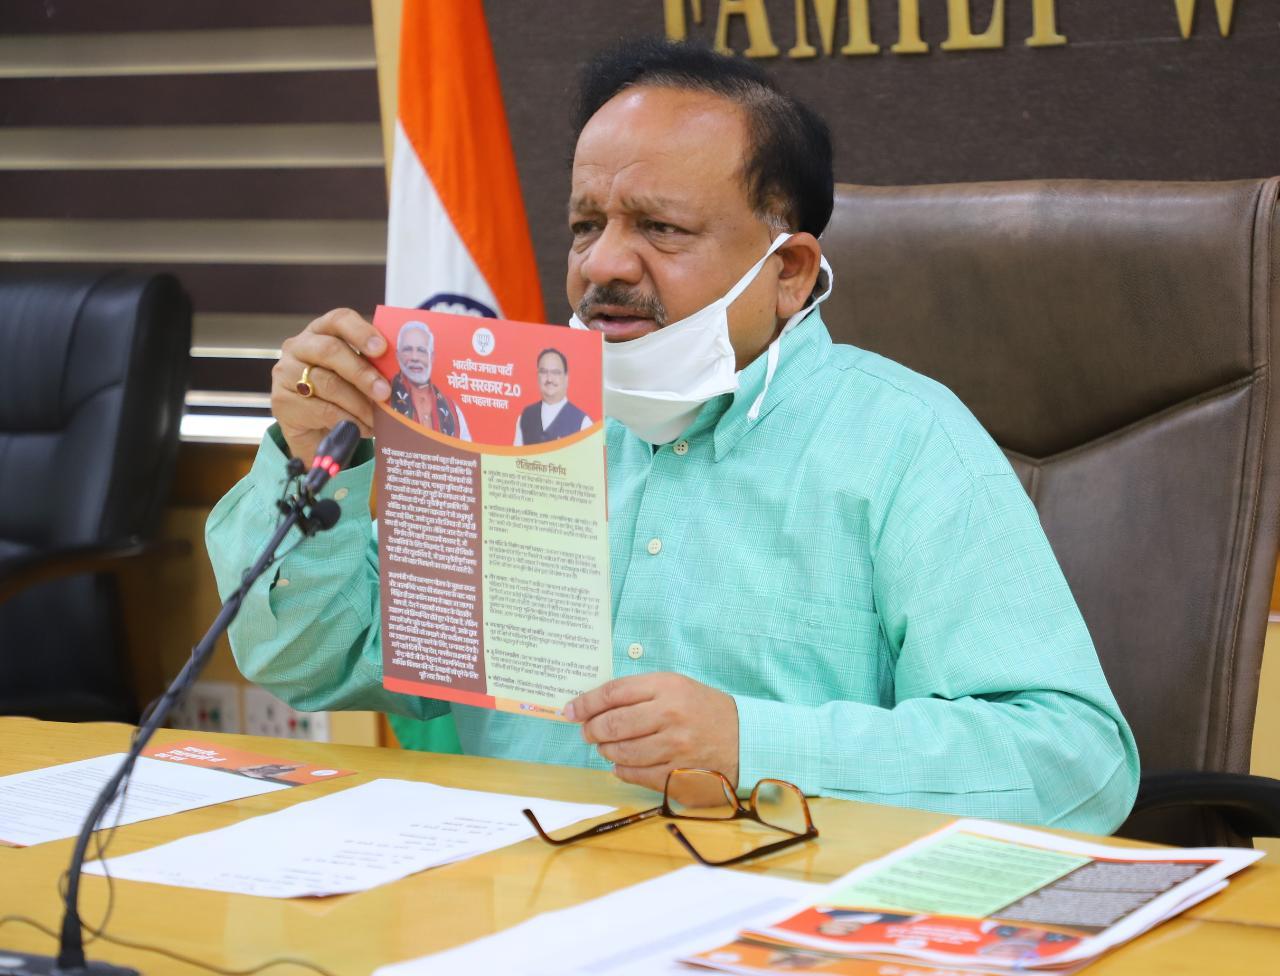 डा.हर्ष वर्धन ने आदर्श नगर से संसदीय क्षेत्र में बूथ जनसंपर्कअभियान का शुभारंभ किया